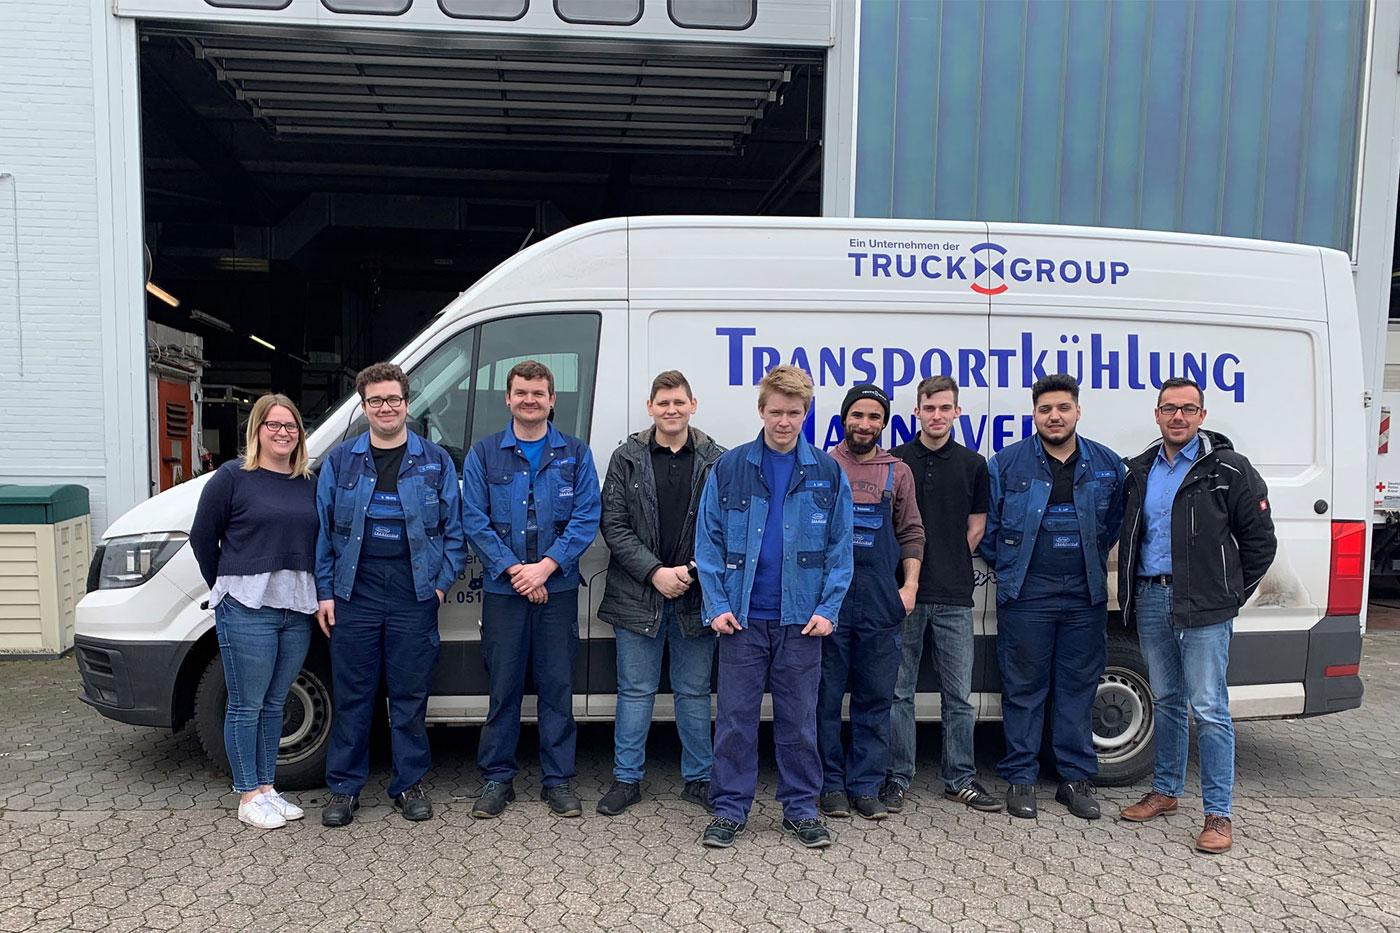 Zukunftstag 2019 in Langenhagen bei Transportkühlung Hannover GmbH